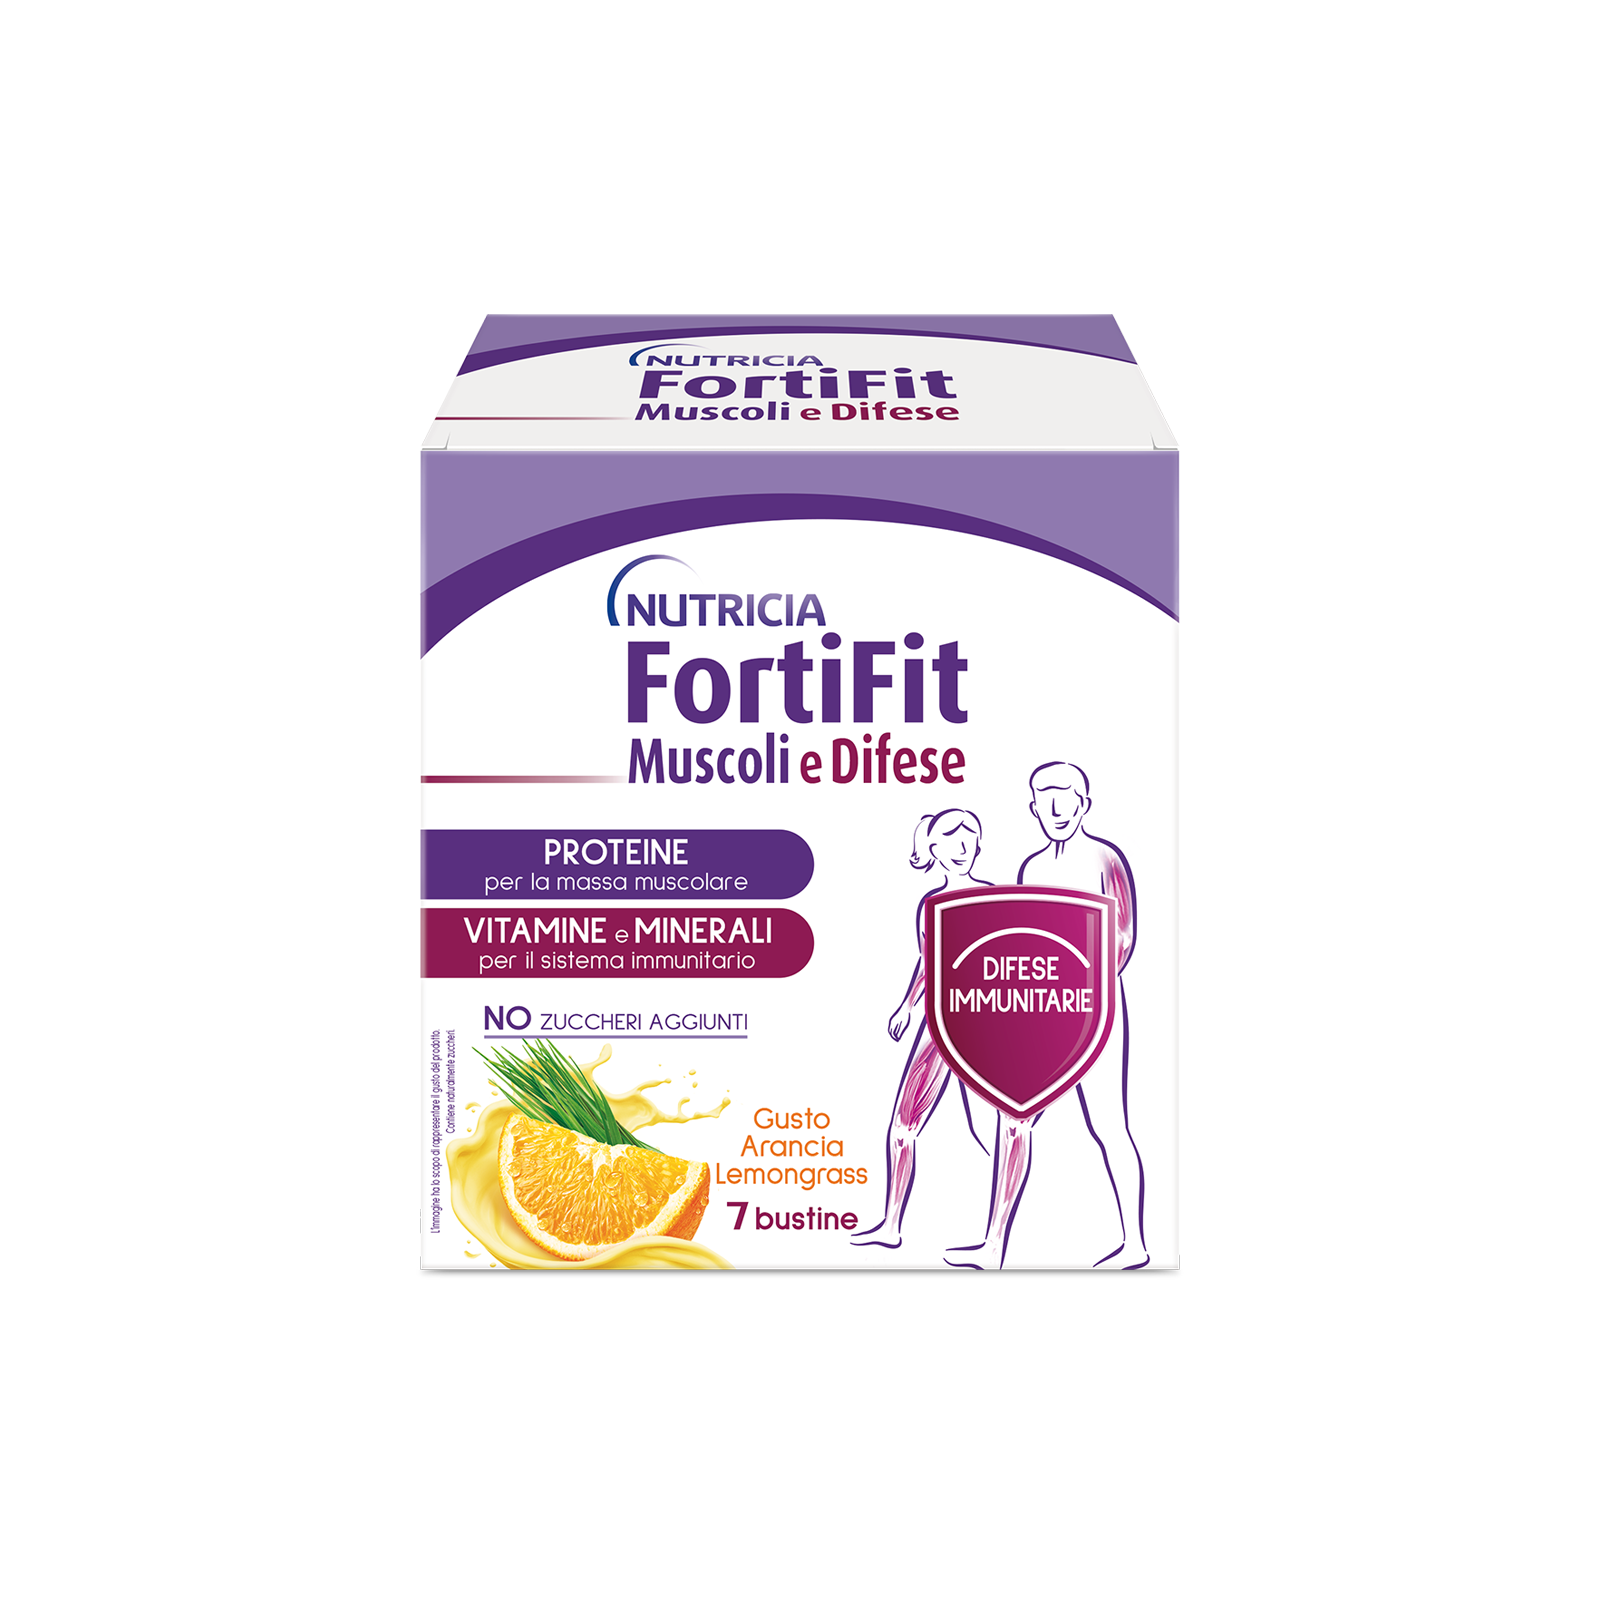 Integratori alimentari - FortiFit Muscoli e Difese  Arancia Lemongrass 1 astuccio, FORTIFIT